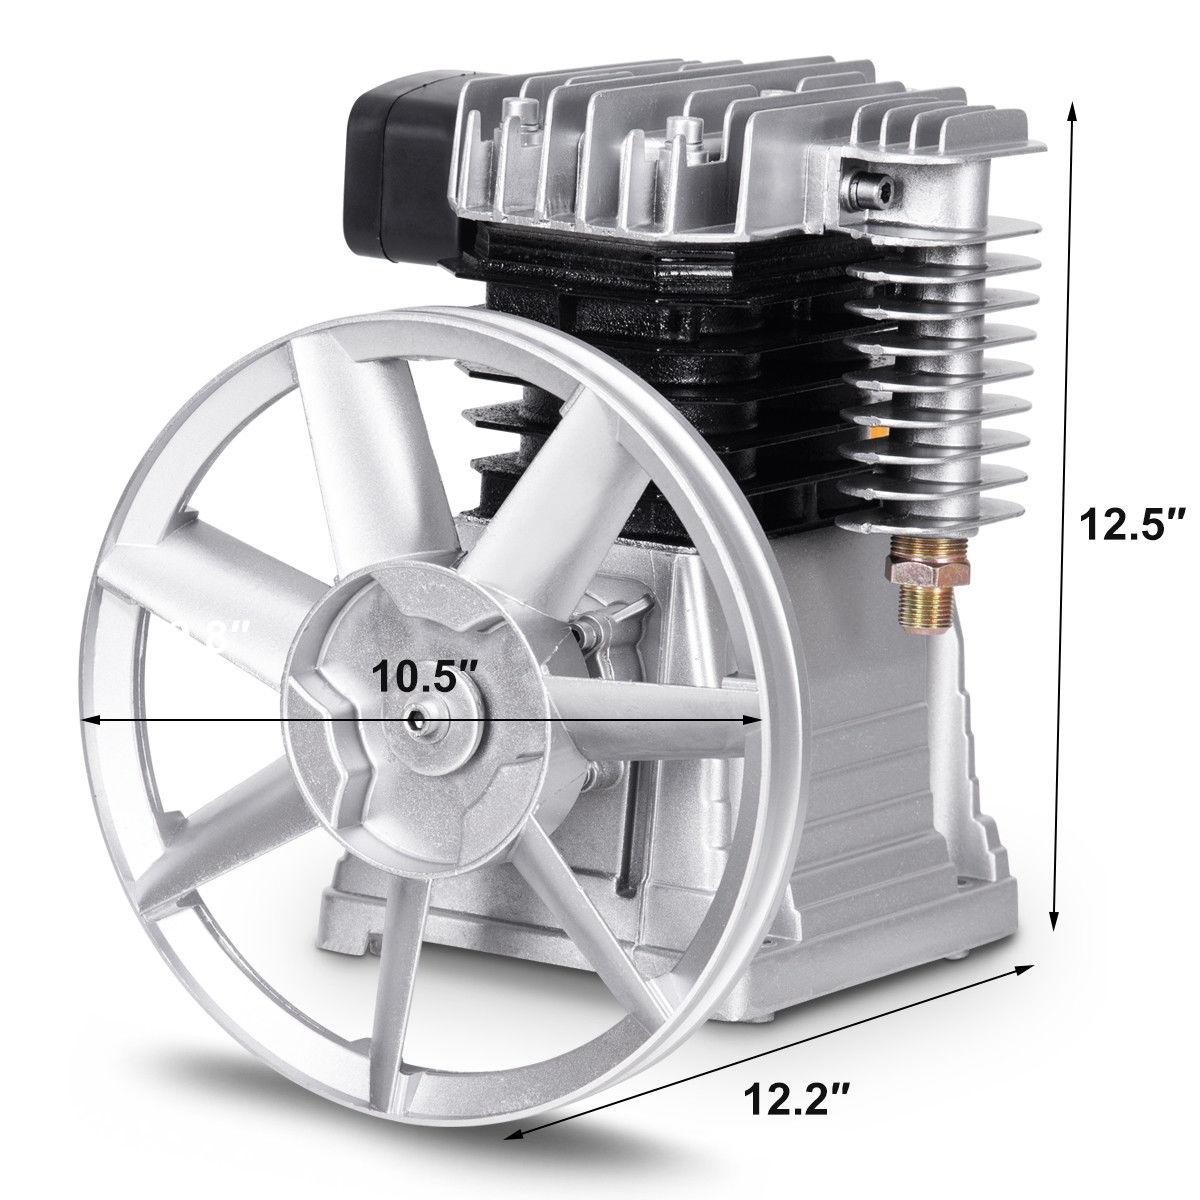 Aluminum 3HP Air Compressor Head Pump Motor